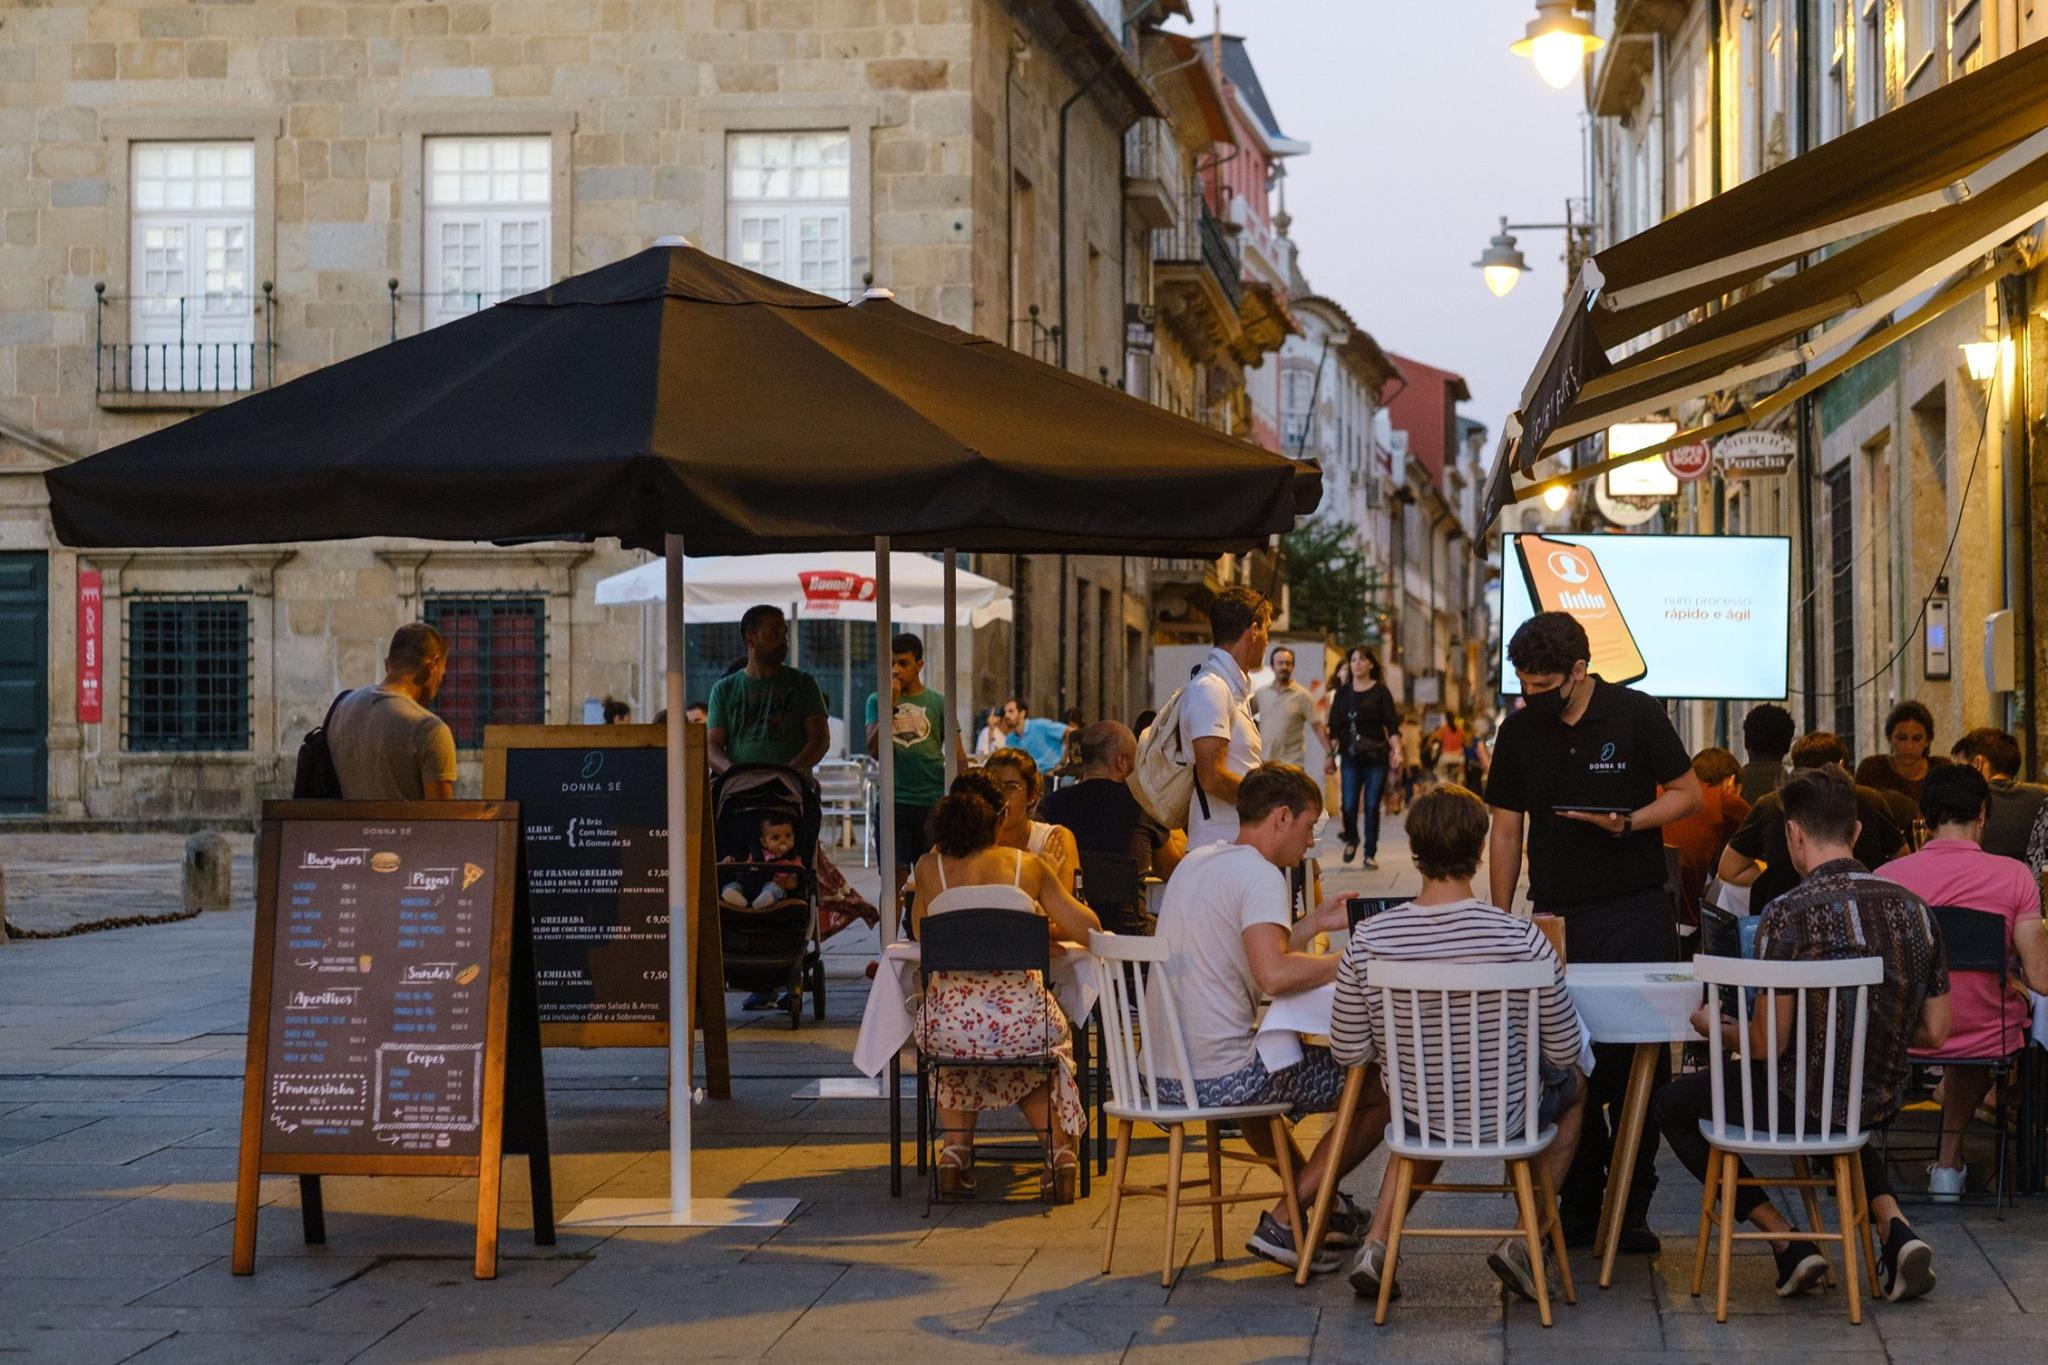 Estado de contingência. Comércio aberto até às 23h00 em Braga